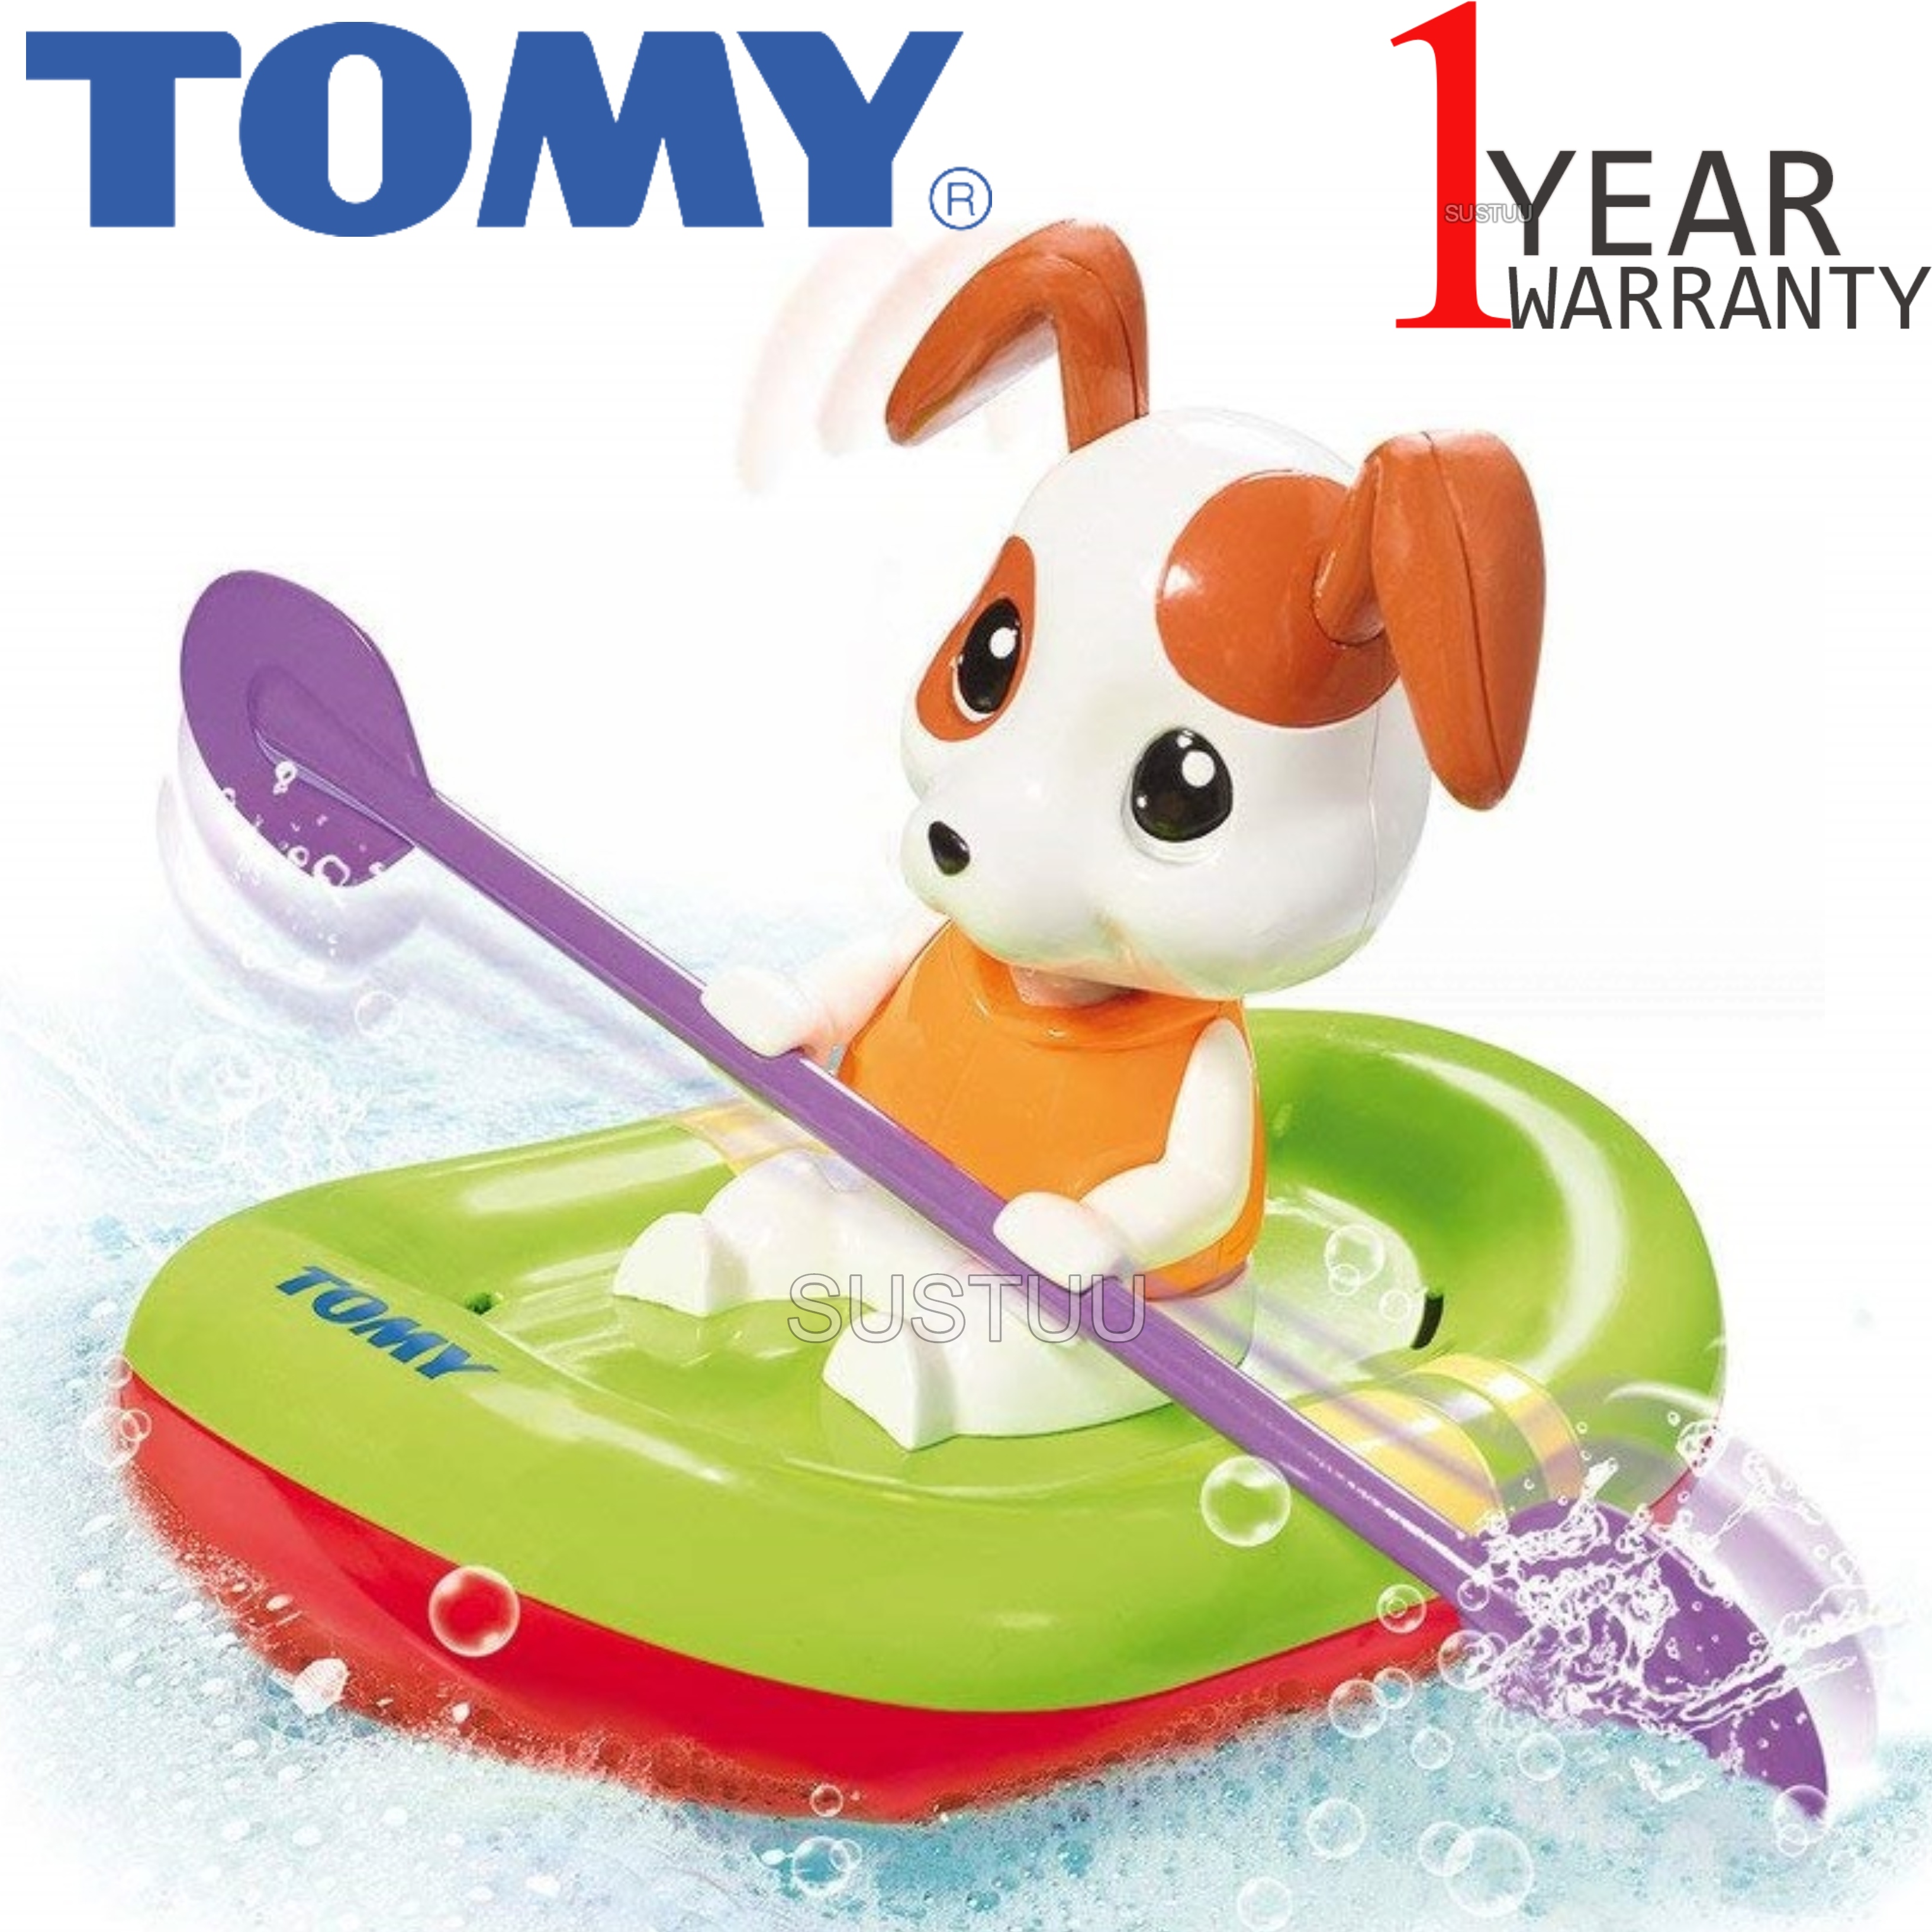 Tomy Bath Toy Paddling Puppy | Preschool Childrens Bath/Play Time Fun Activity Toy